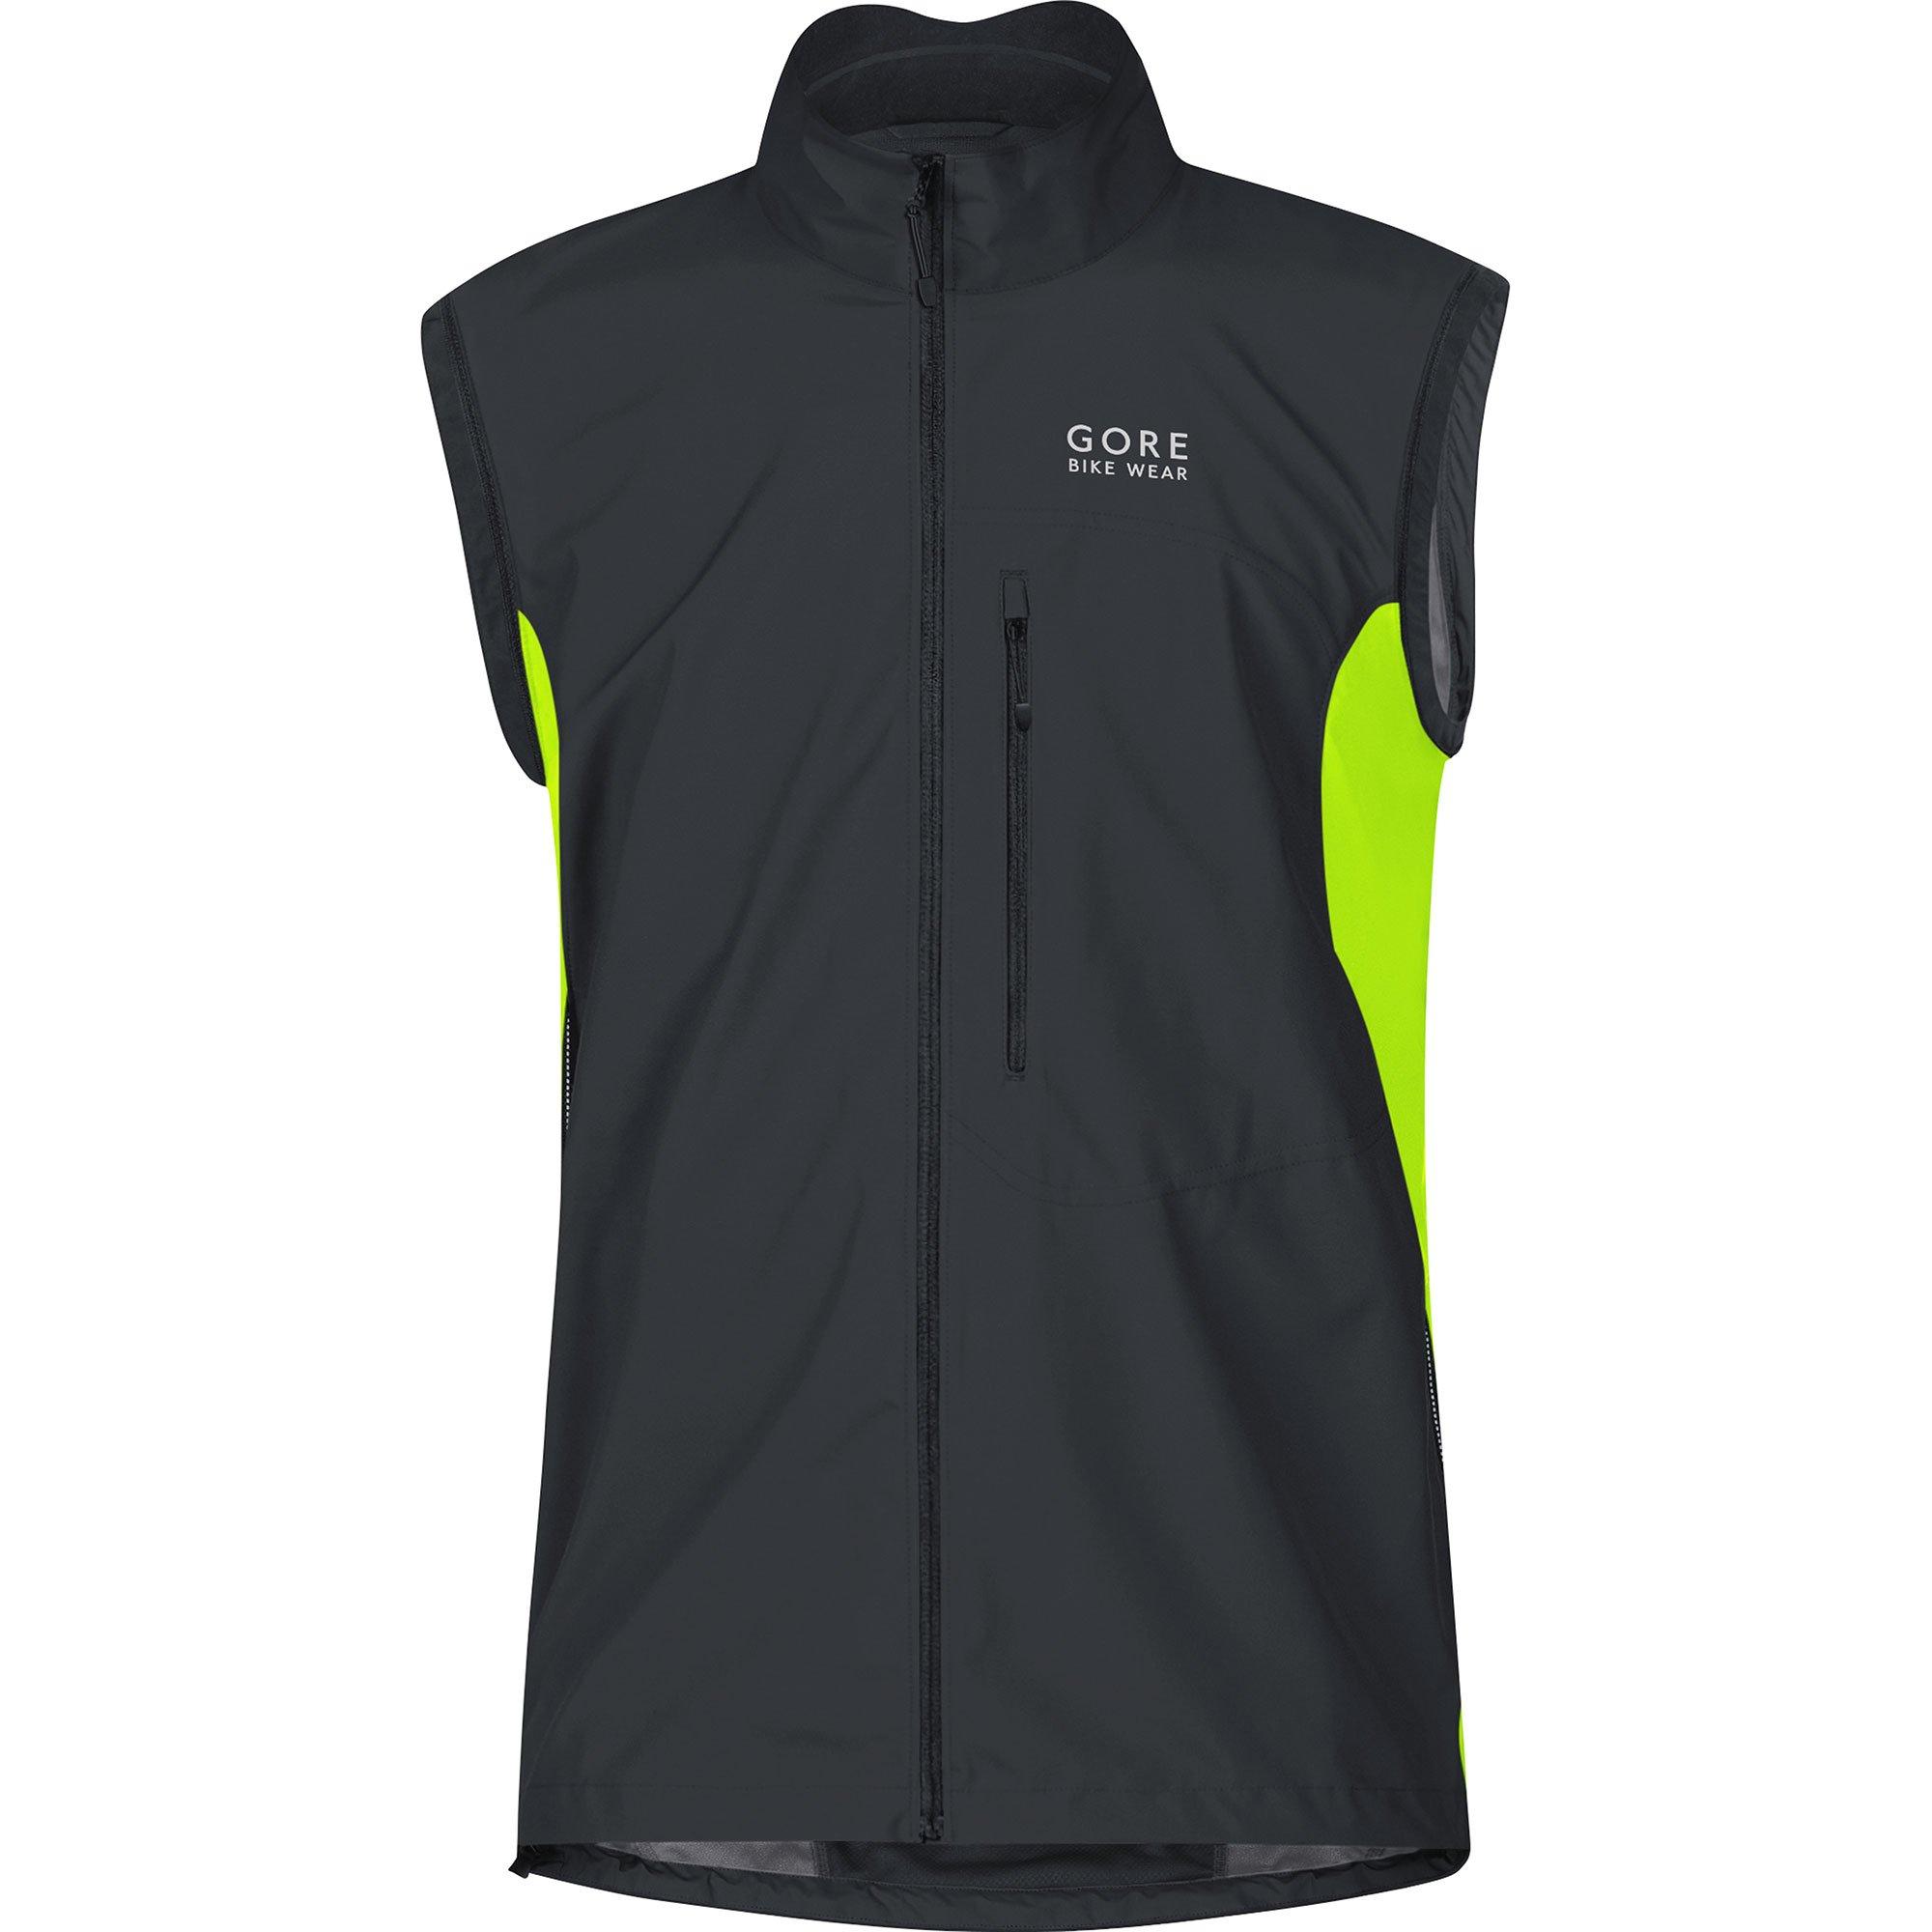 Gore Bike WEAR Men's Cycling Jacket, Super Light, Gore Windstopper, Jacket, Size: S, Black/Neon Yellow, JWELMZ by GORE WEAR (Image #3)